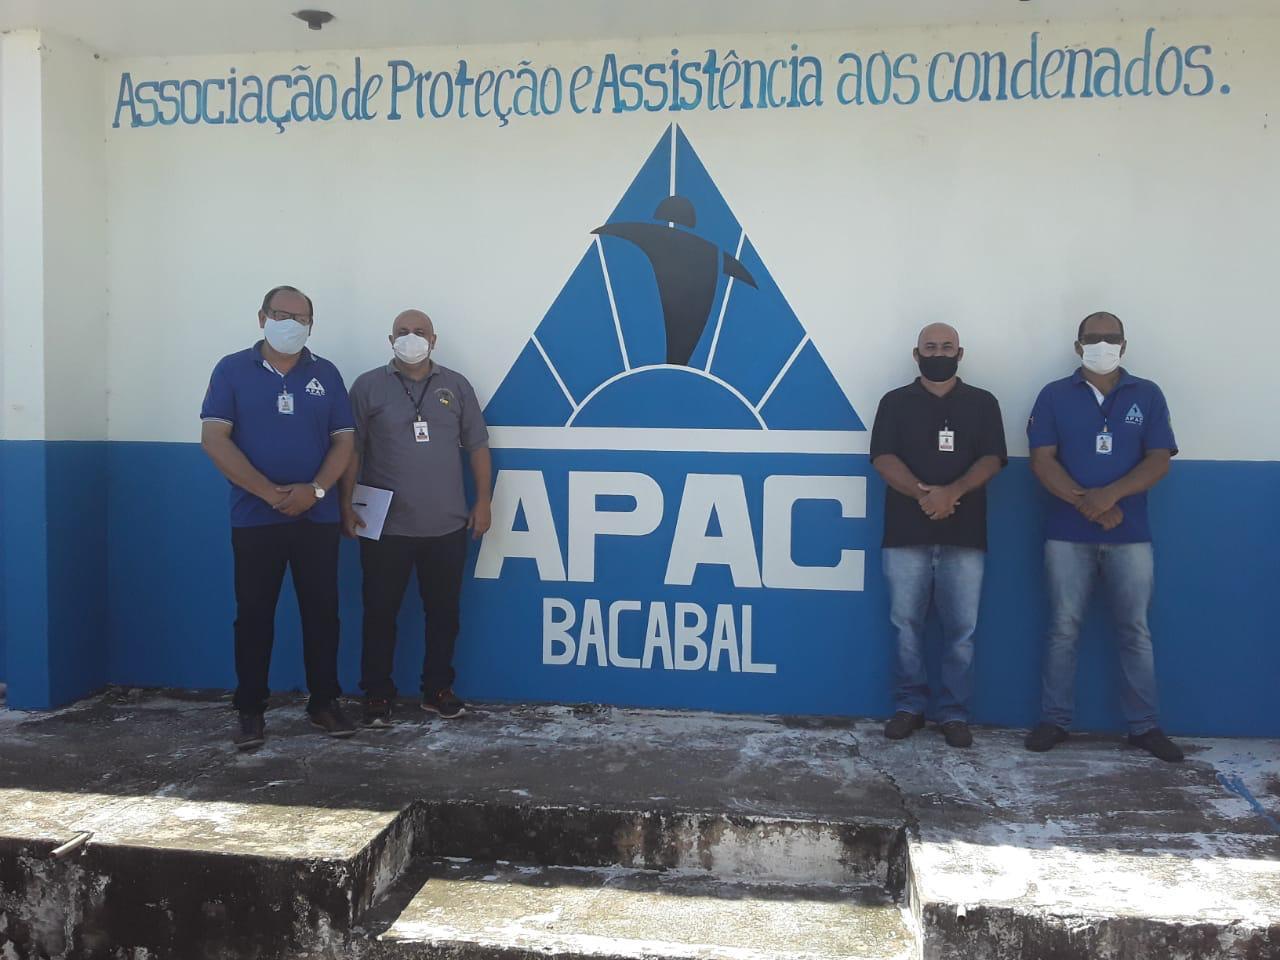 APAC Bacabal